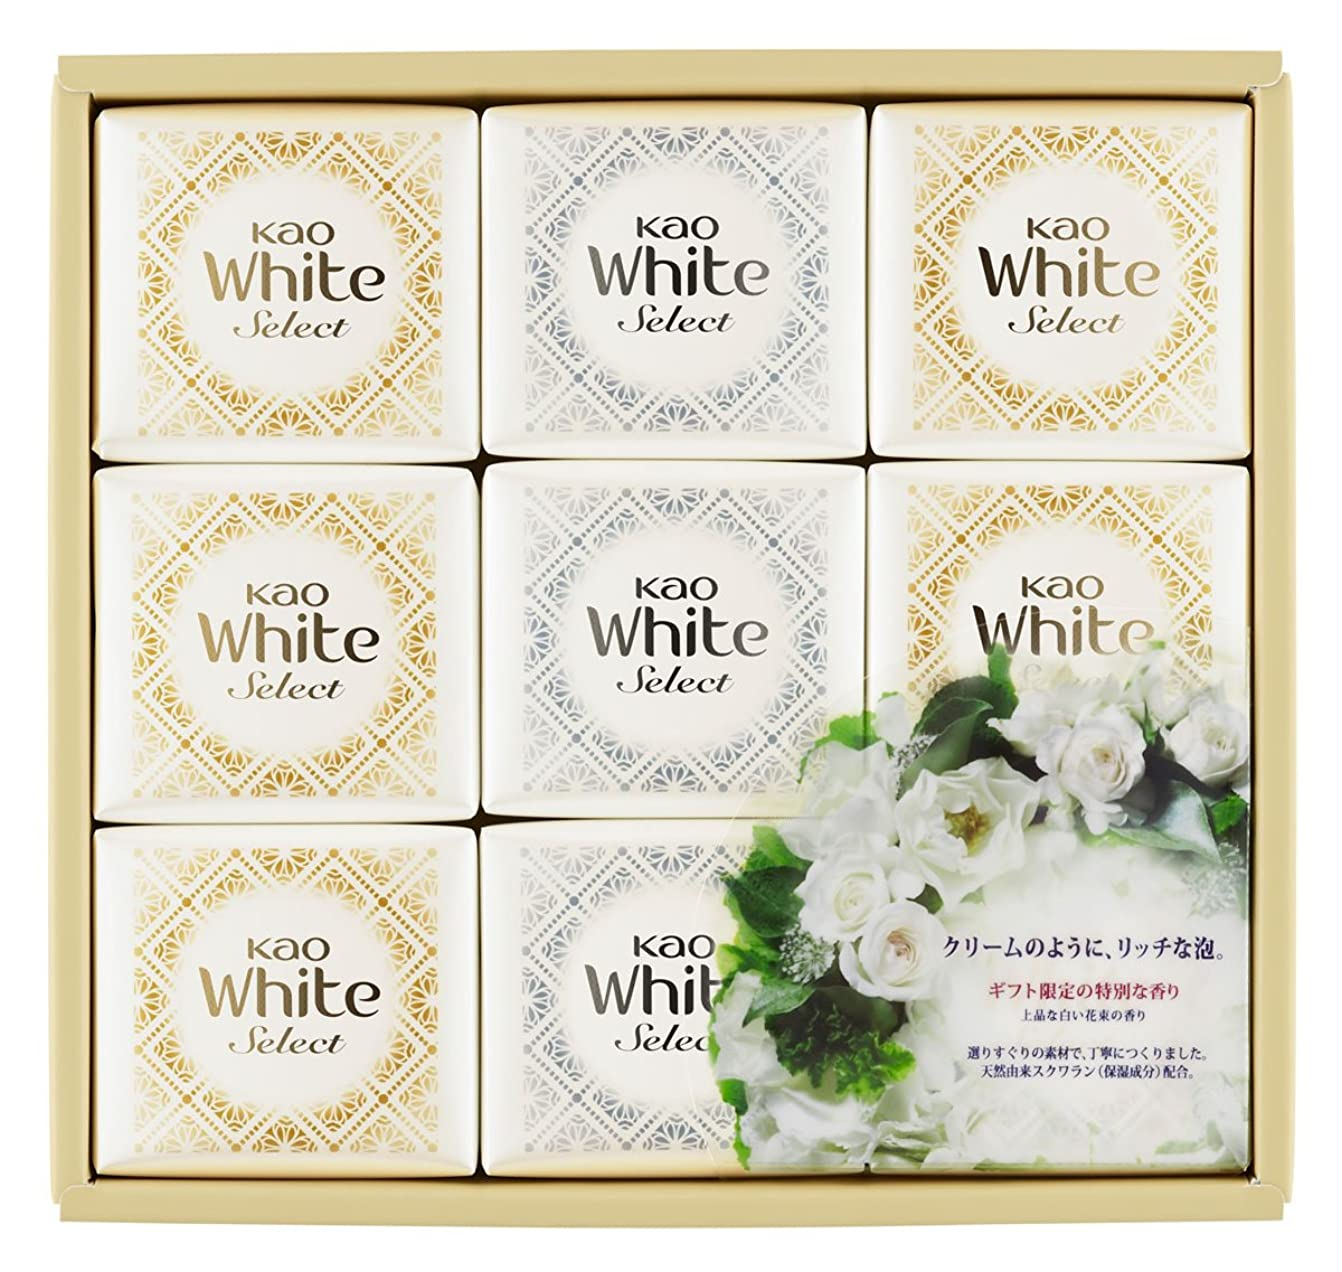 ベアリングサークルレギュラーシーン花王ホワイト セレクト 上品な白い花束の香り 85g 9コ K?WS-15